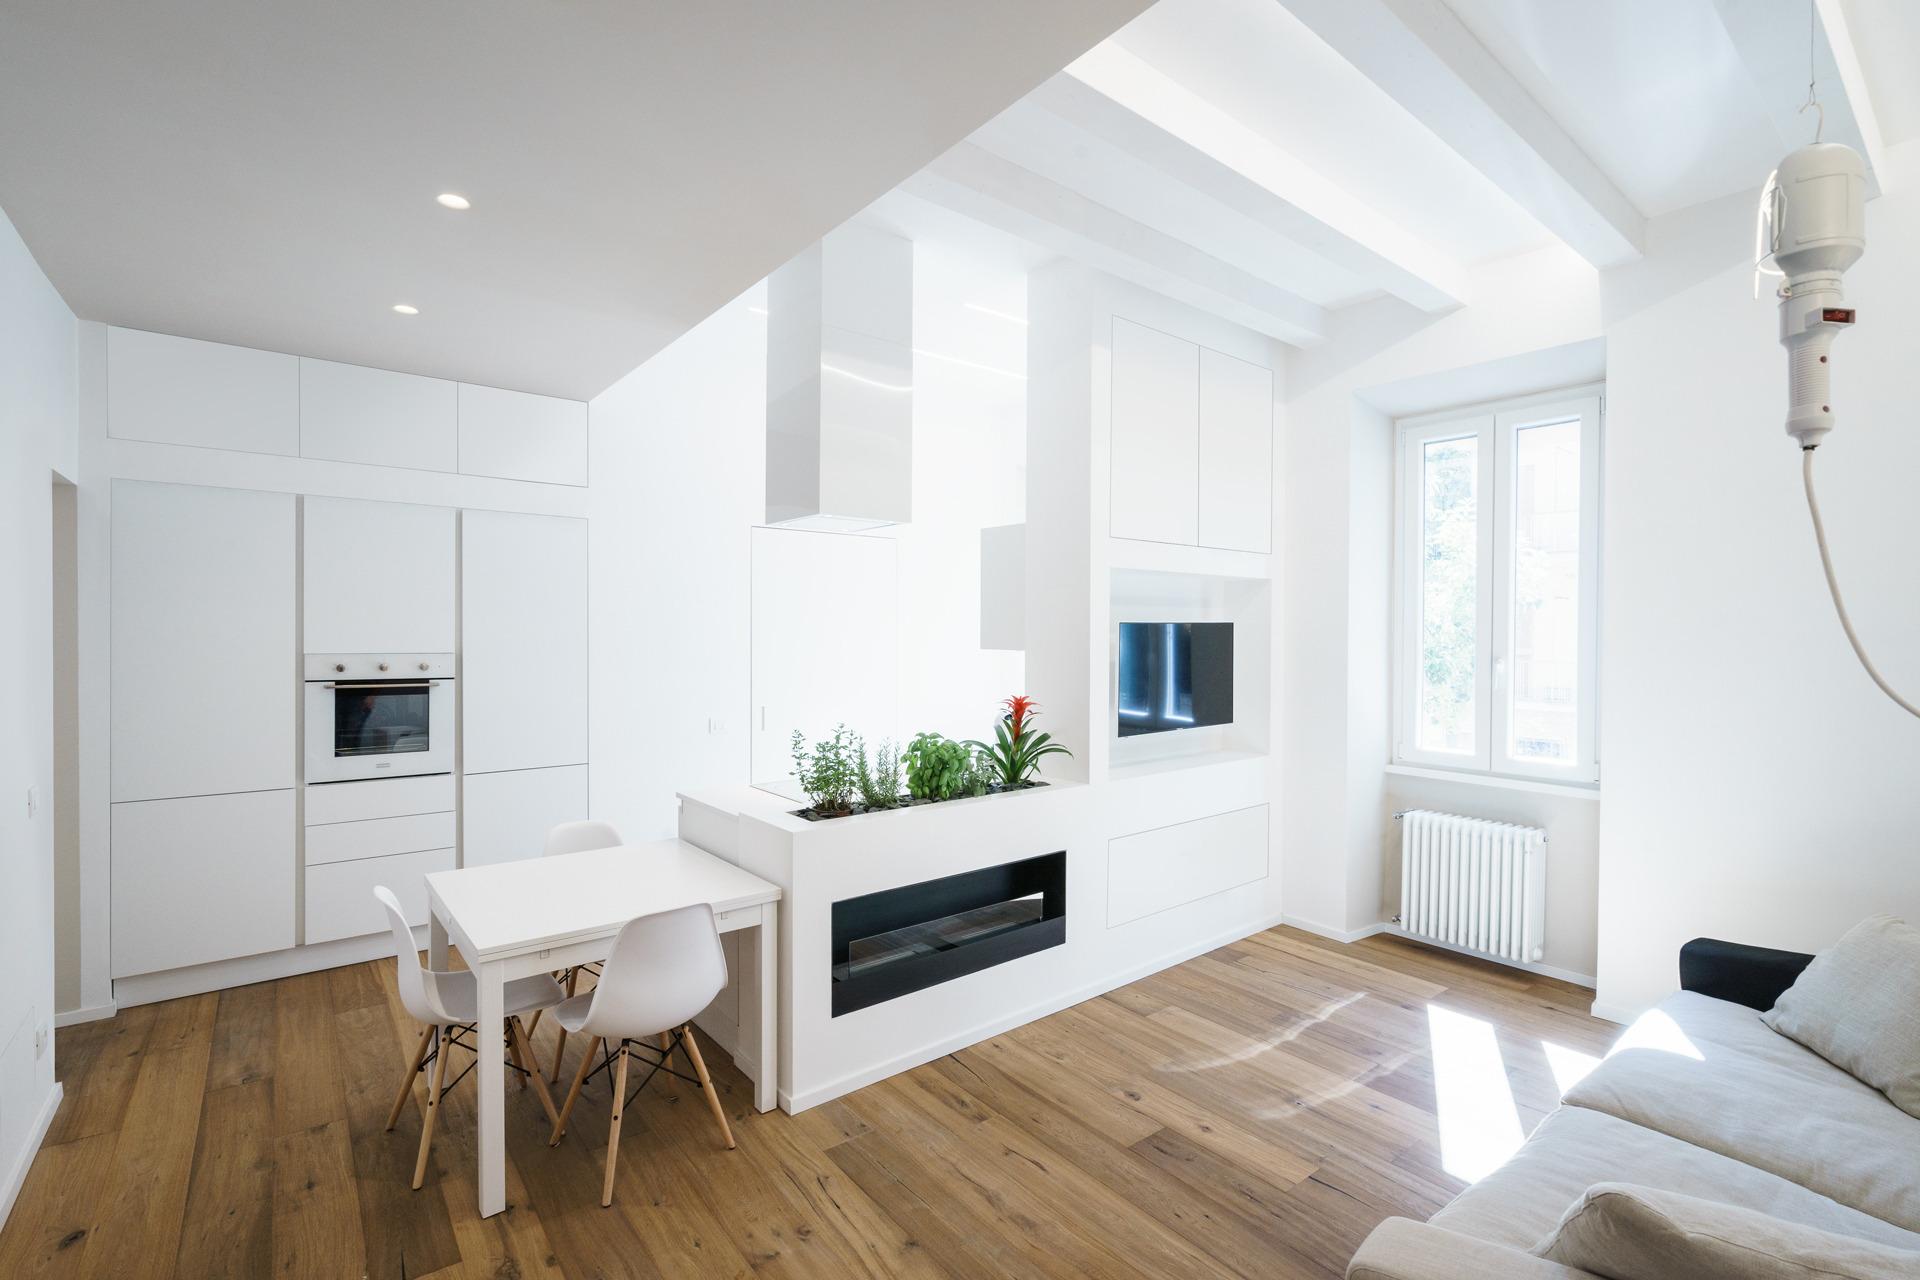 Parete Attrezzata Tortora E Bianco ethereal house | brain factory - architecture & design